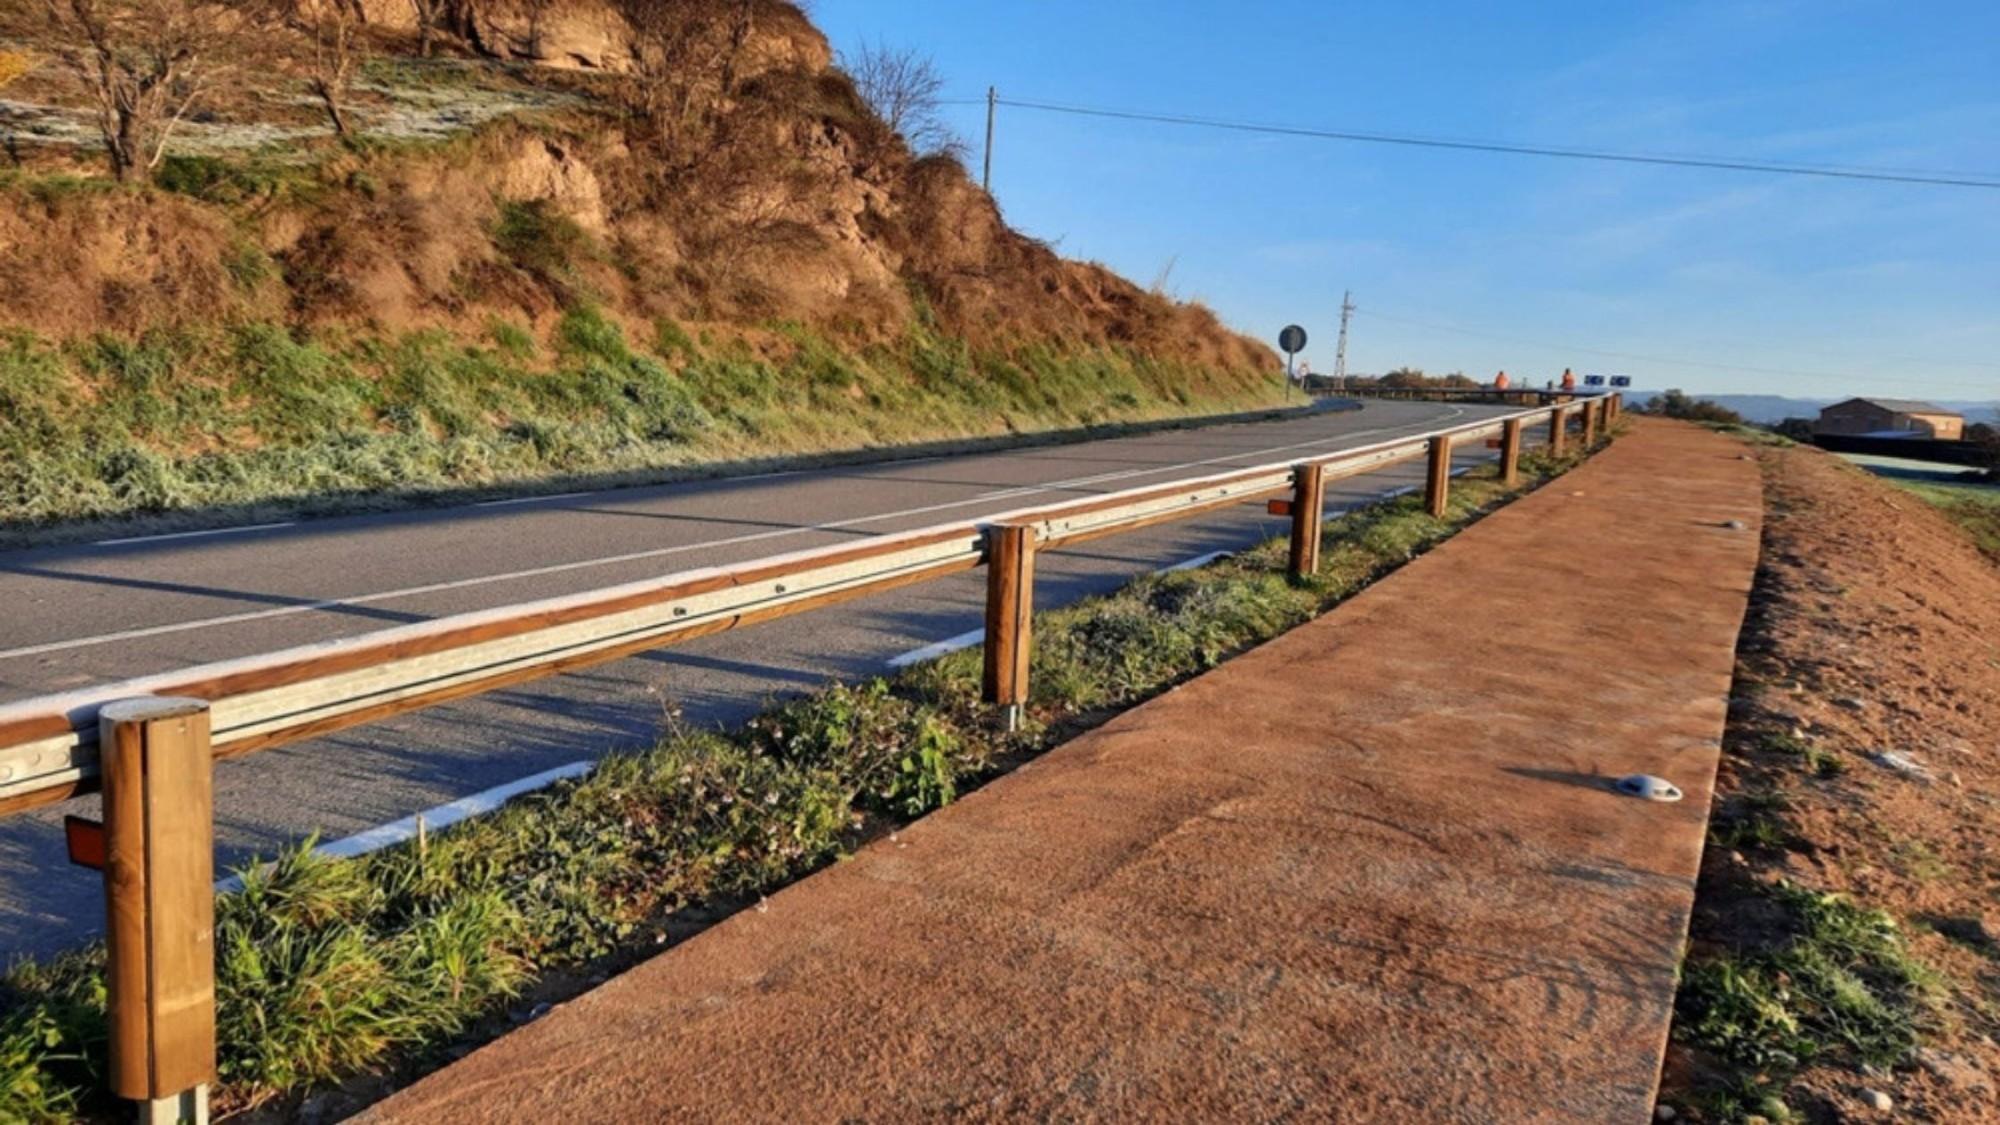 Bionda carretera de seguridad homologada